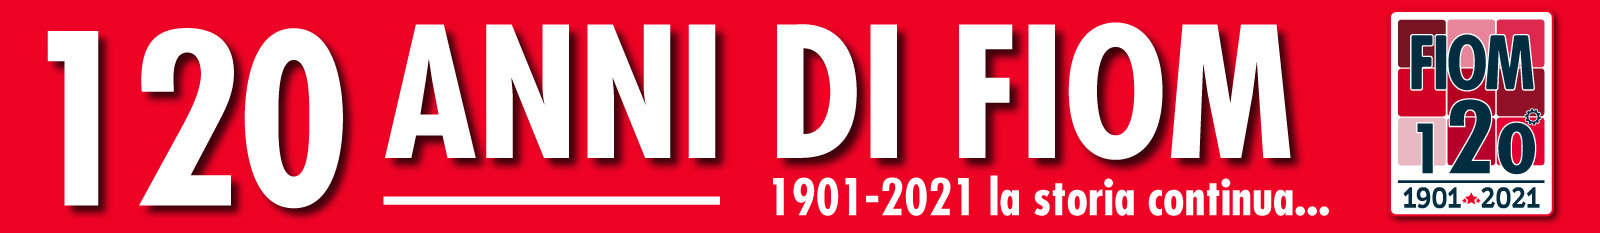 120 anni di Fiom. La storia continua